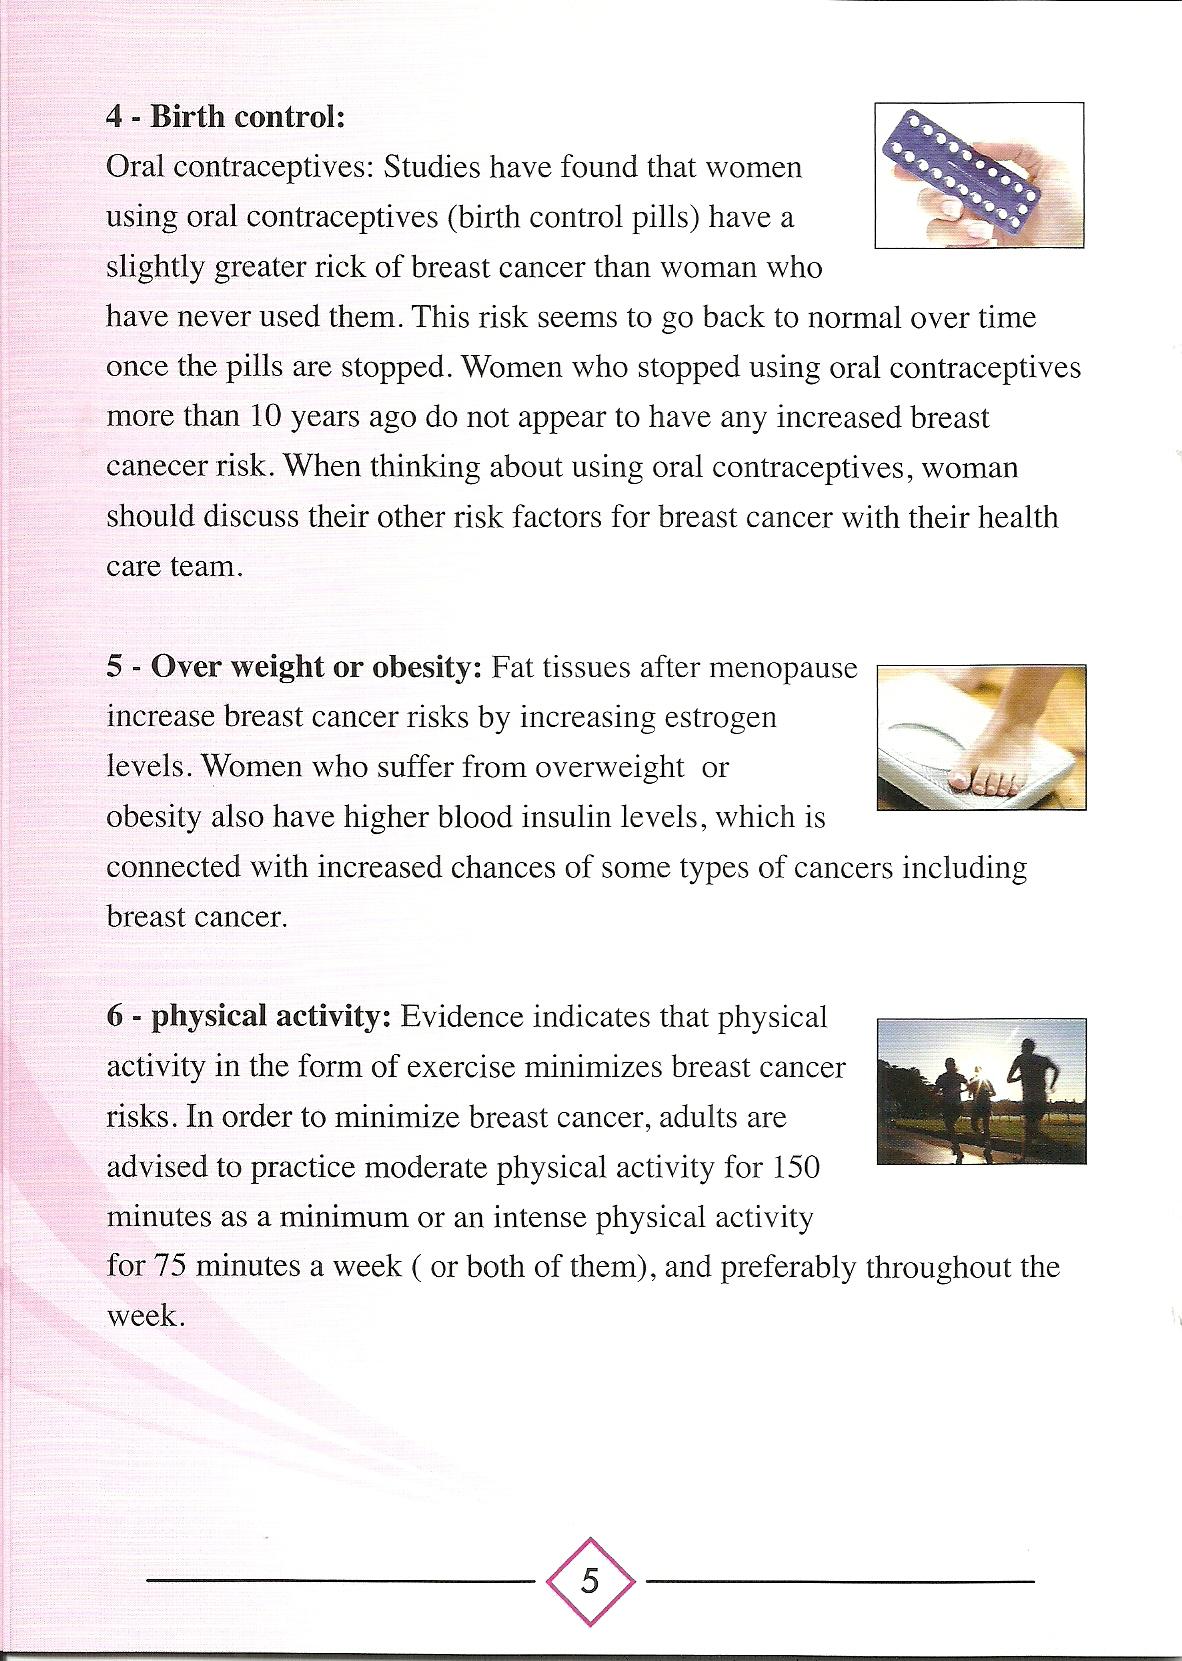 سرطان الثدي14